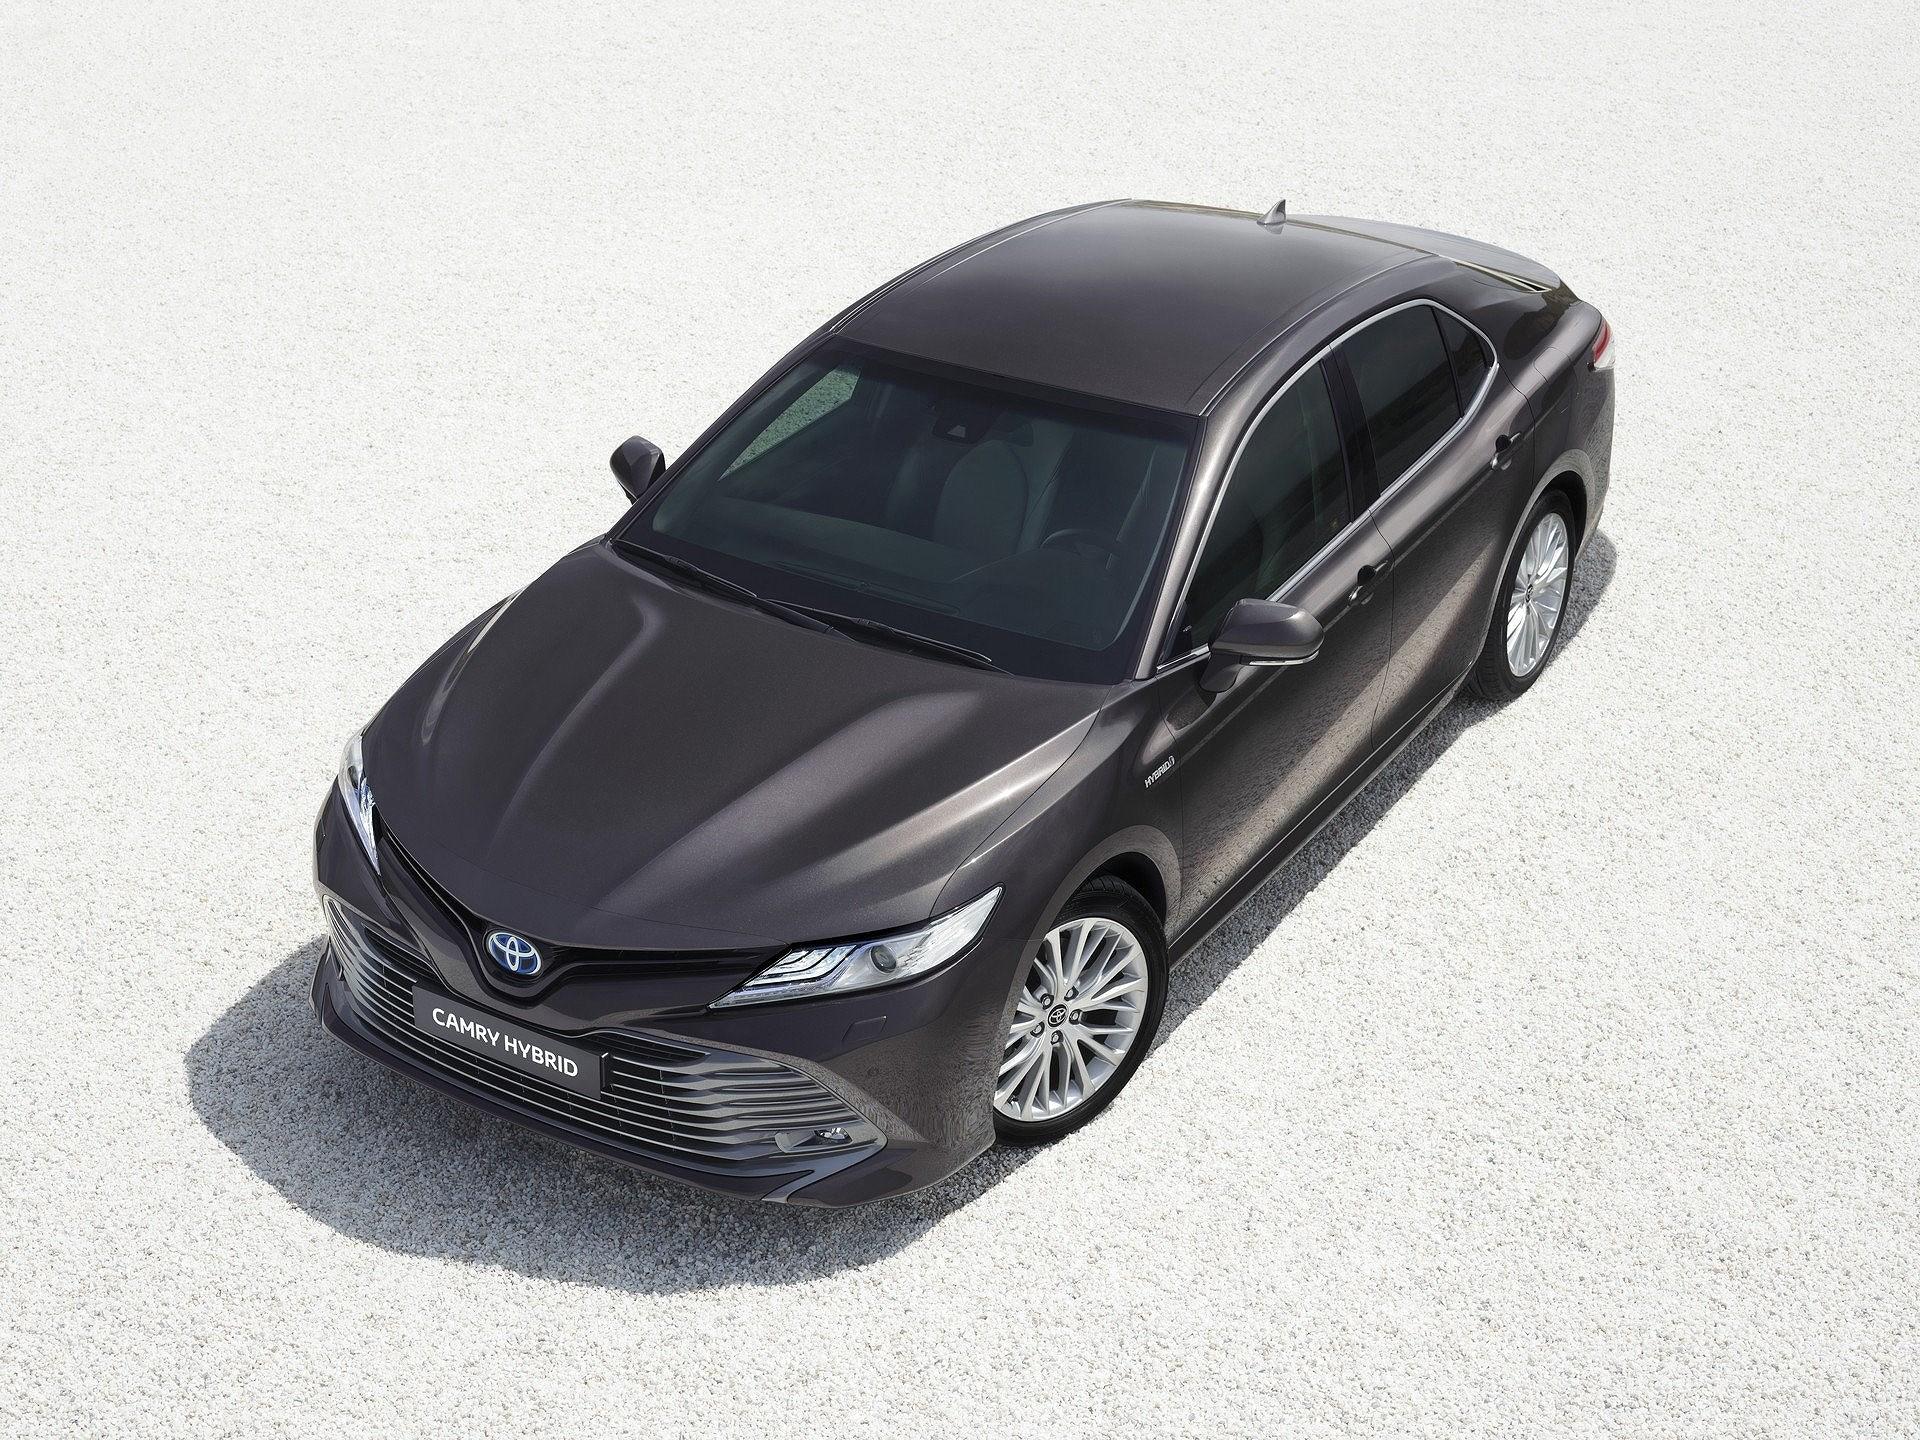 Toyota Camry Hybrid trở lại châu Âu sau 14 năm vắng bóng Ảnh 1